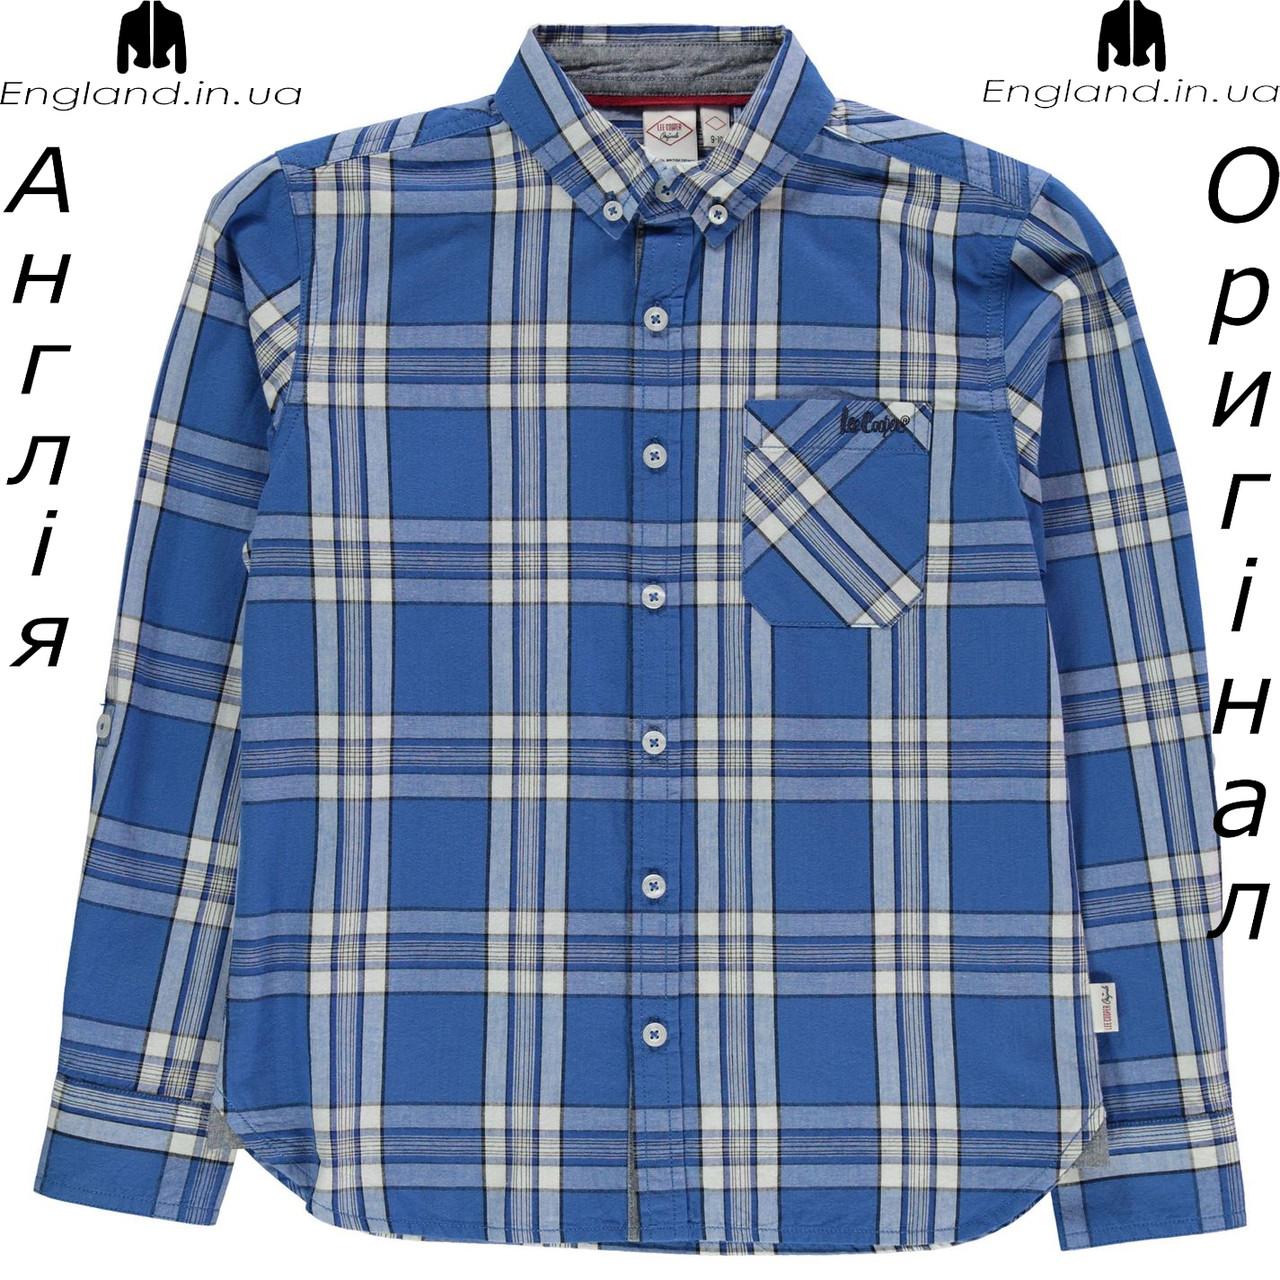 Рубашка Lee Cooper из Англии для мальчиков 2-14 лет - на длинный рукав